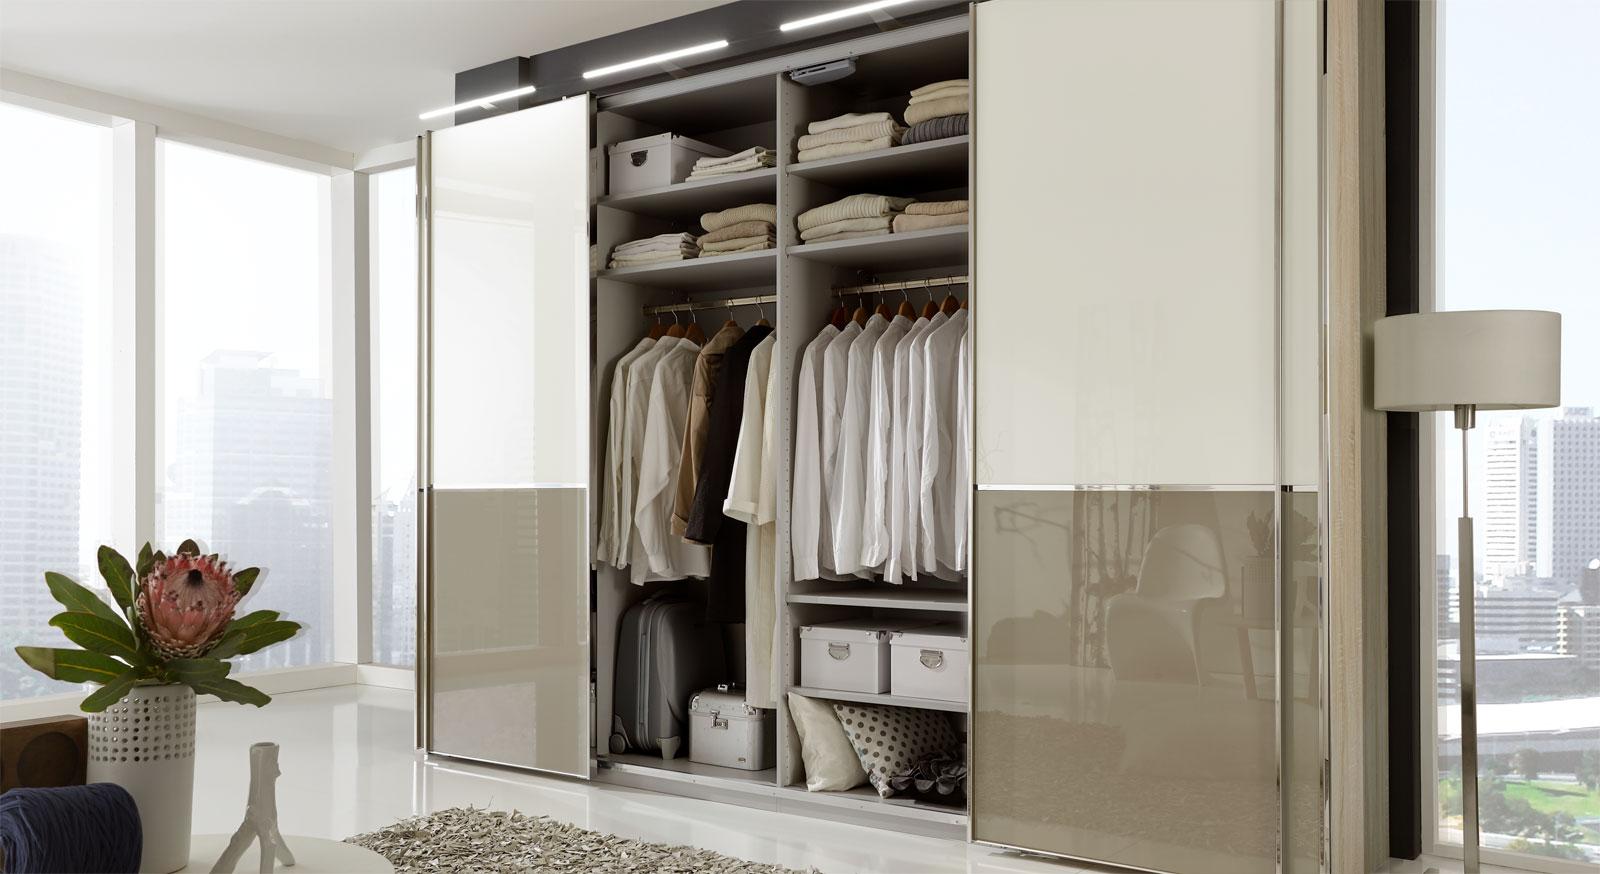 Schwebetüren-Kleiderschrank Banga mit variabler Innenausstattung